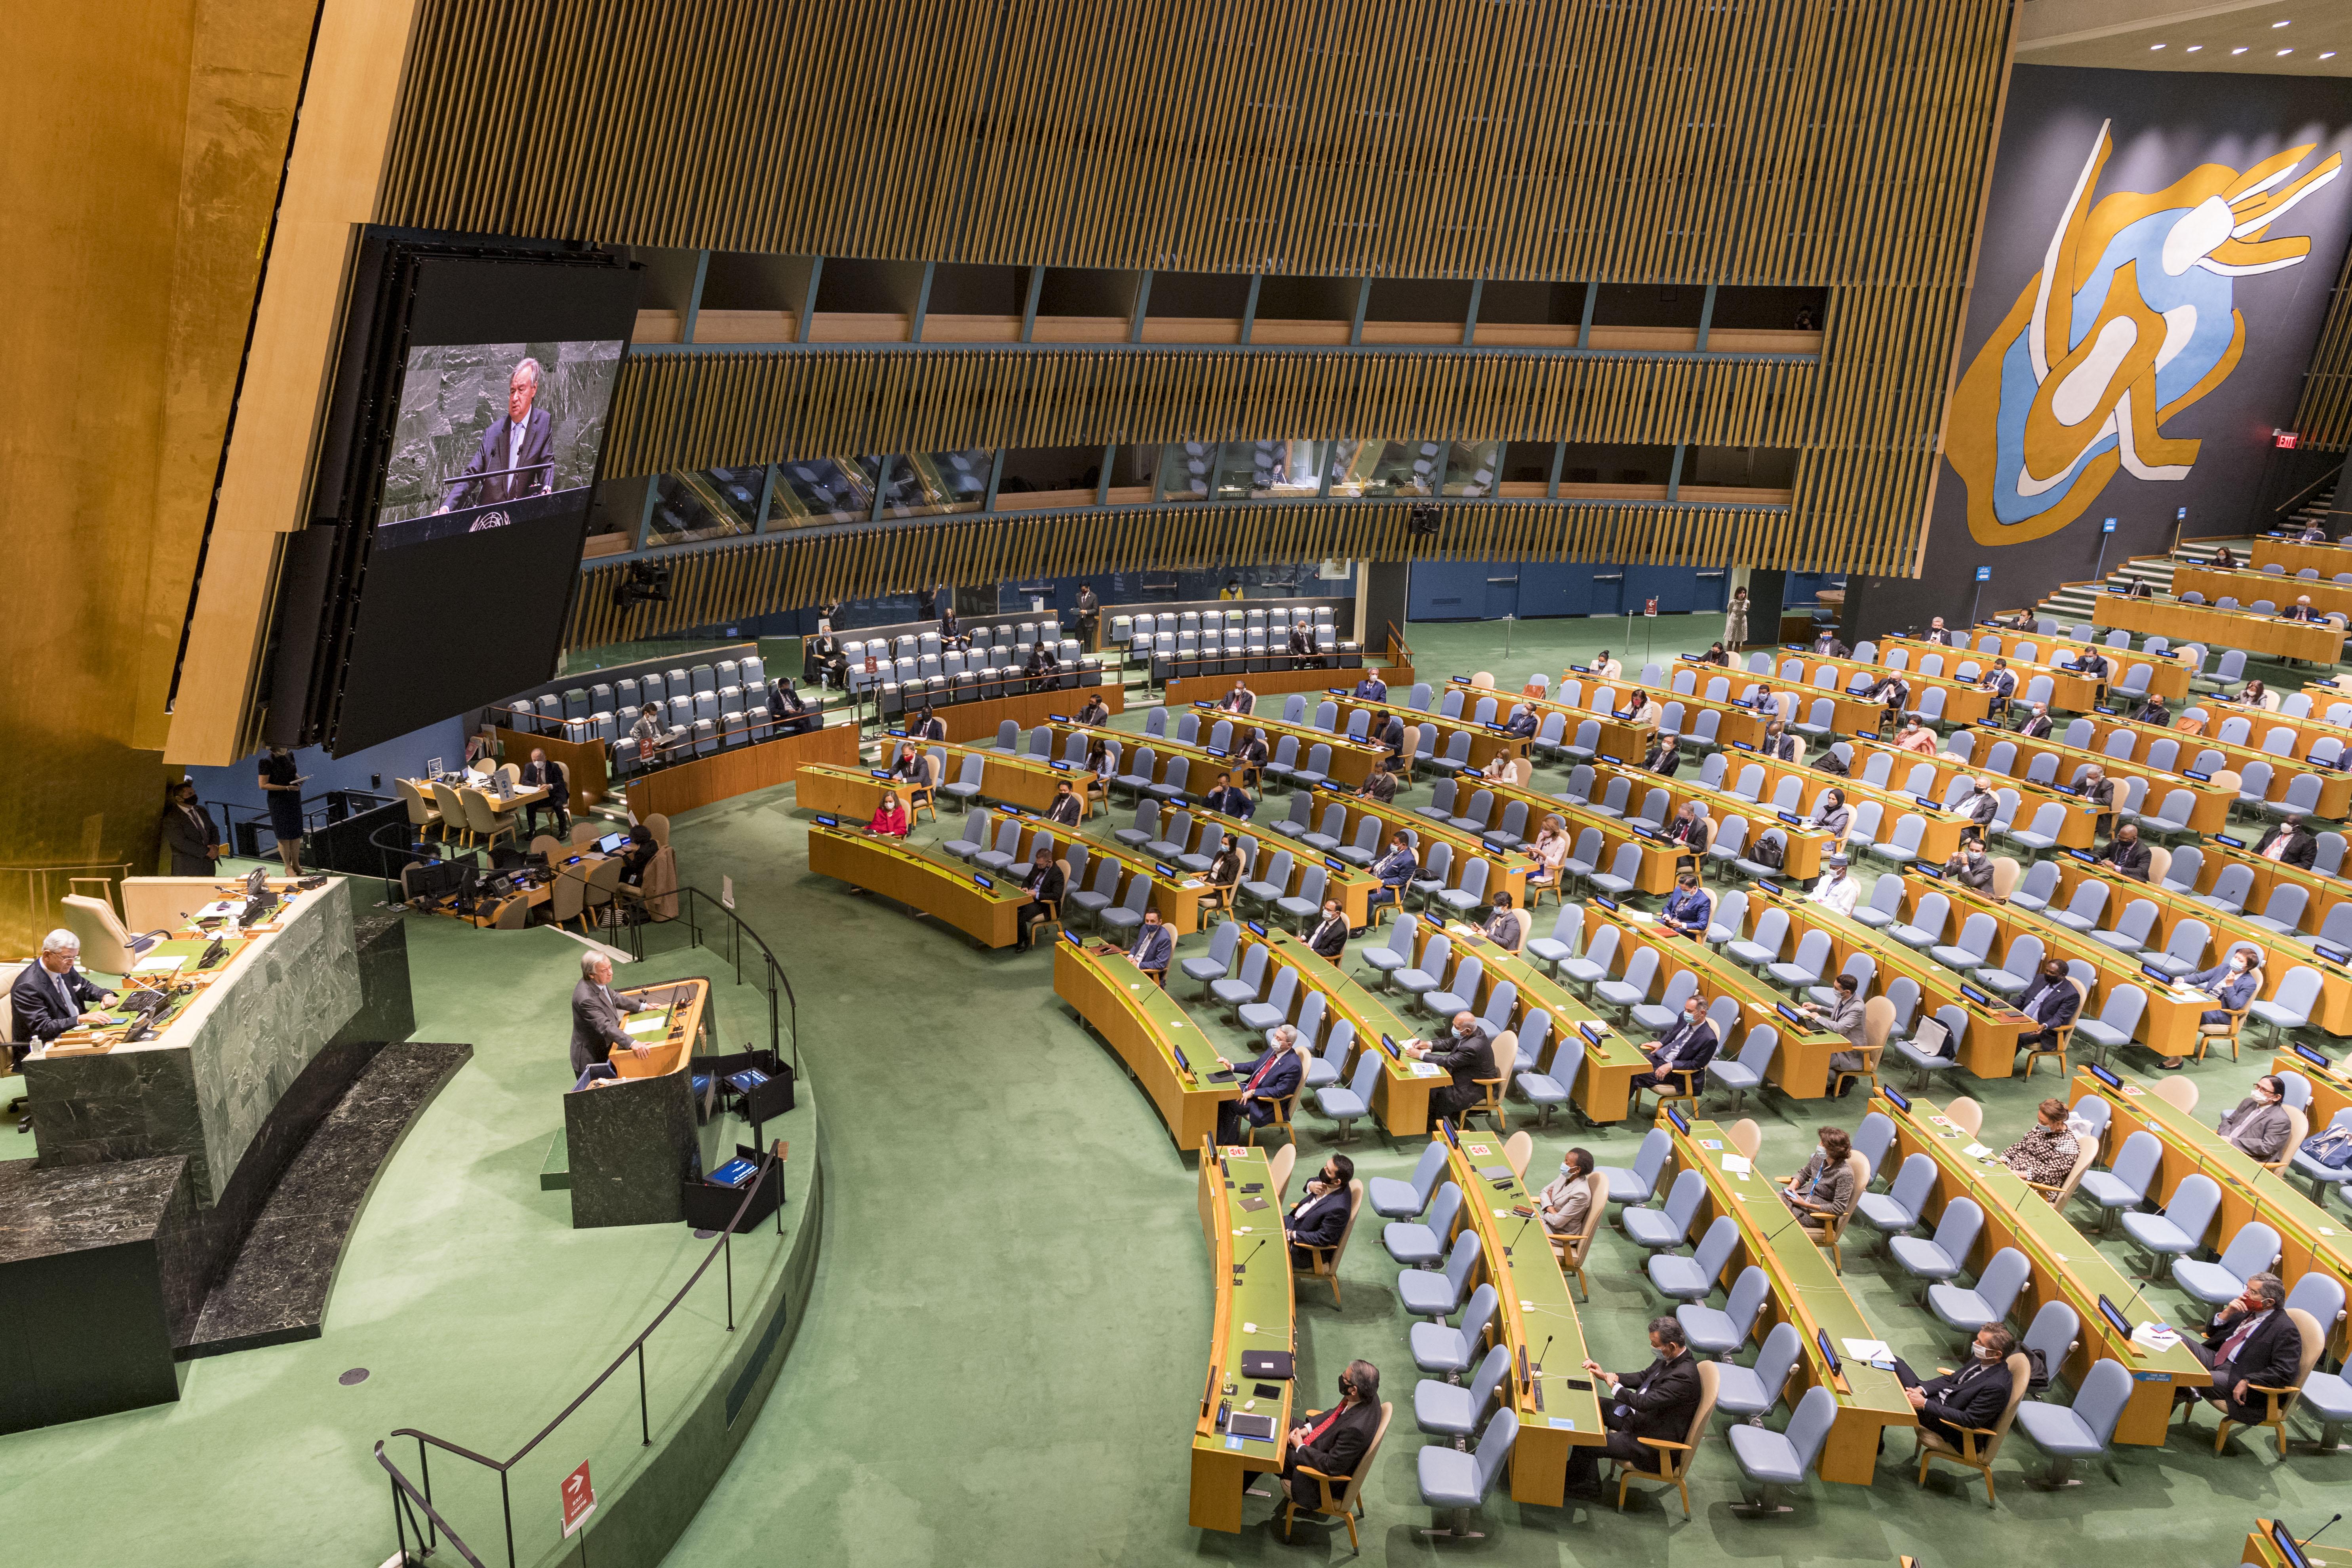 【丁丁网 南京】_联大一般性辩论:美国遭多国抨击,巴西总统批媒体